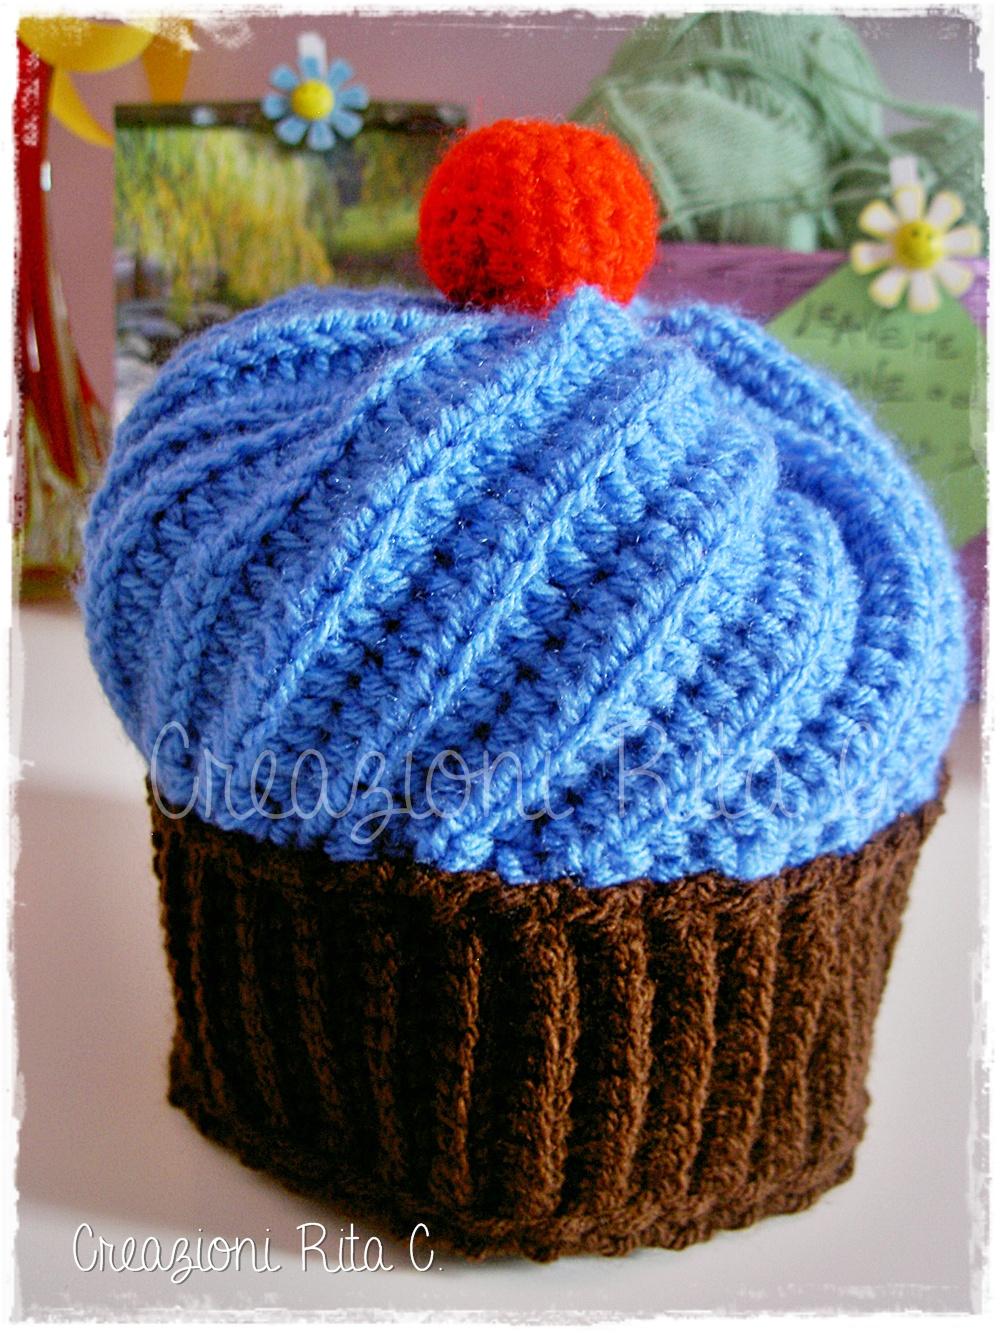 Creazioni Rita C Only Handmade Cappello Cupcake A Uncinetto